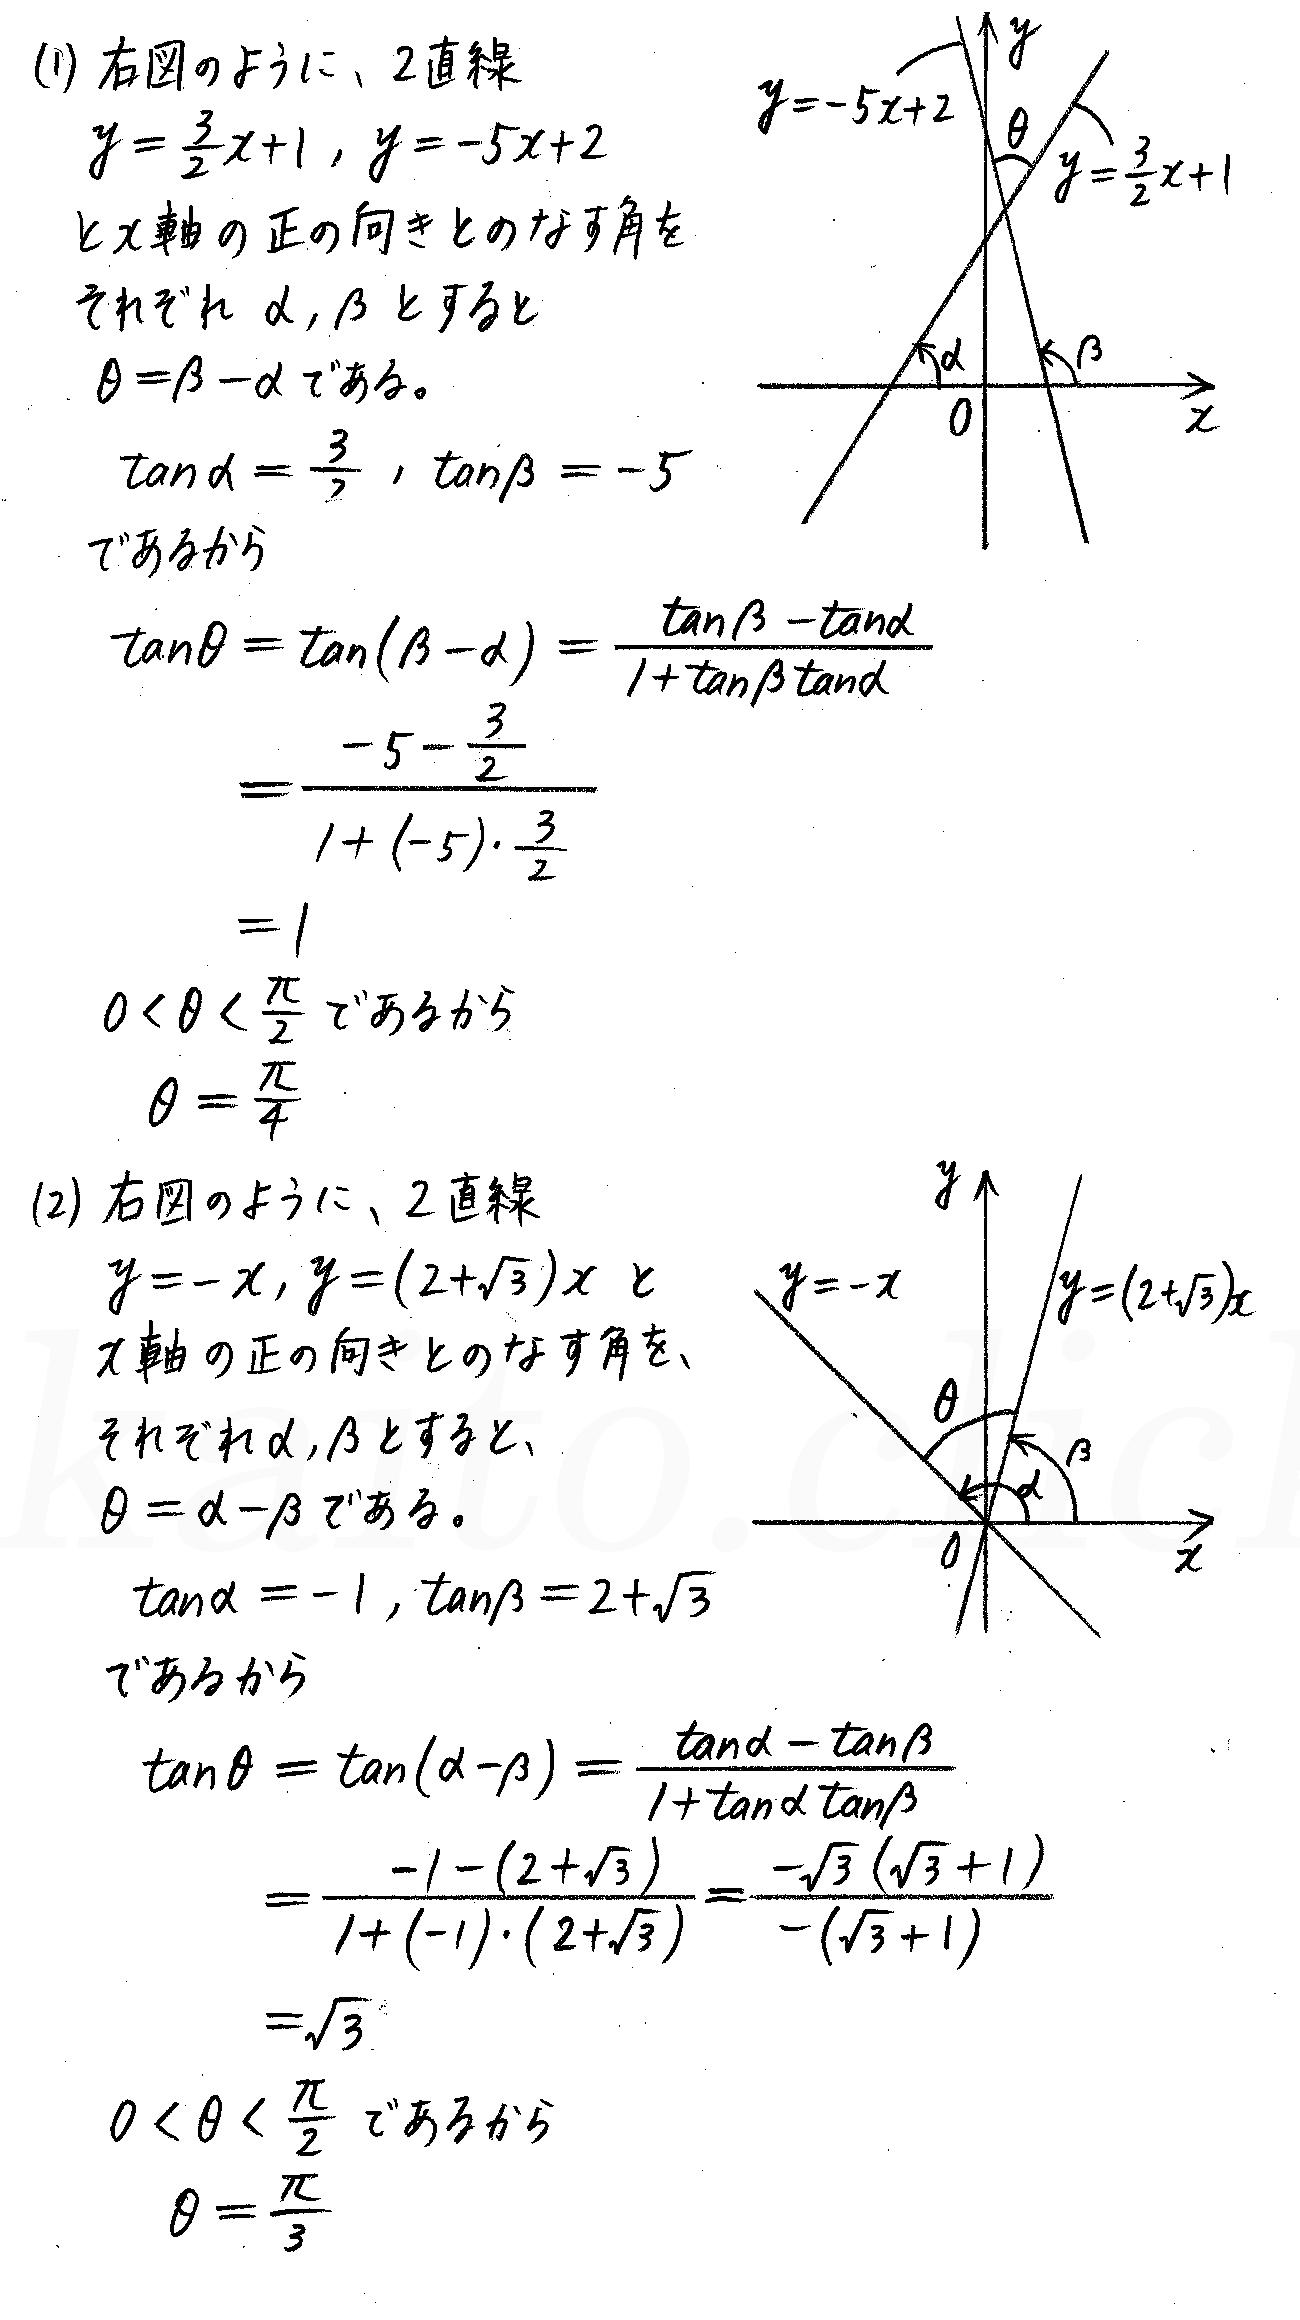 改訂版4プロセス数学2-281解答